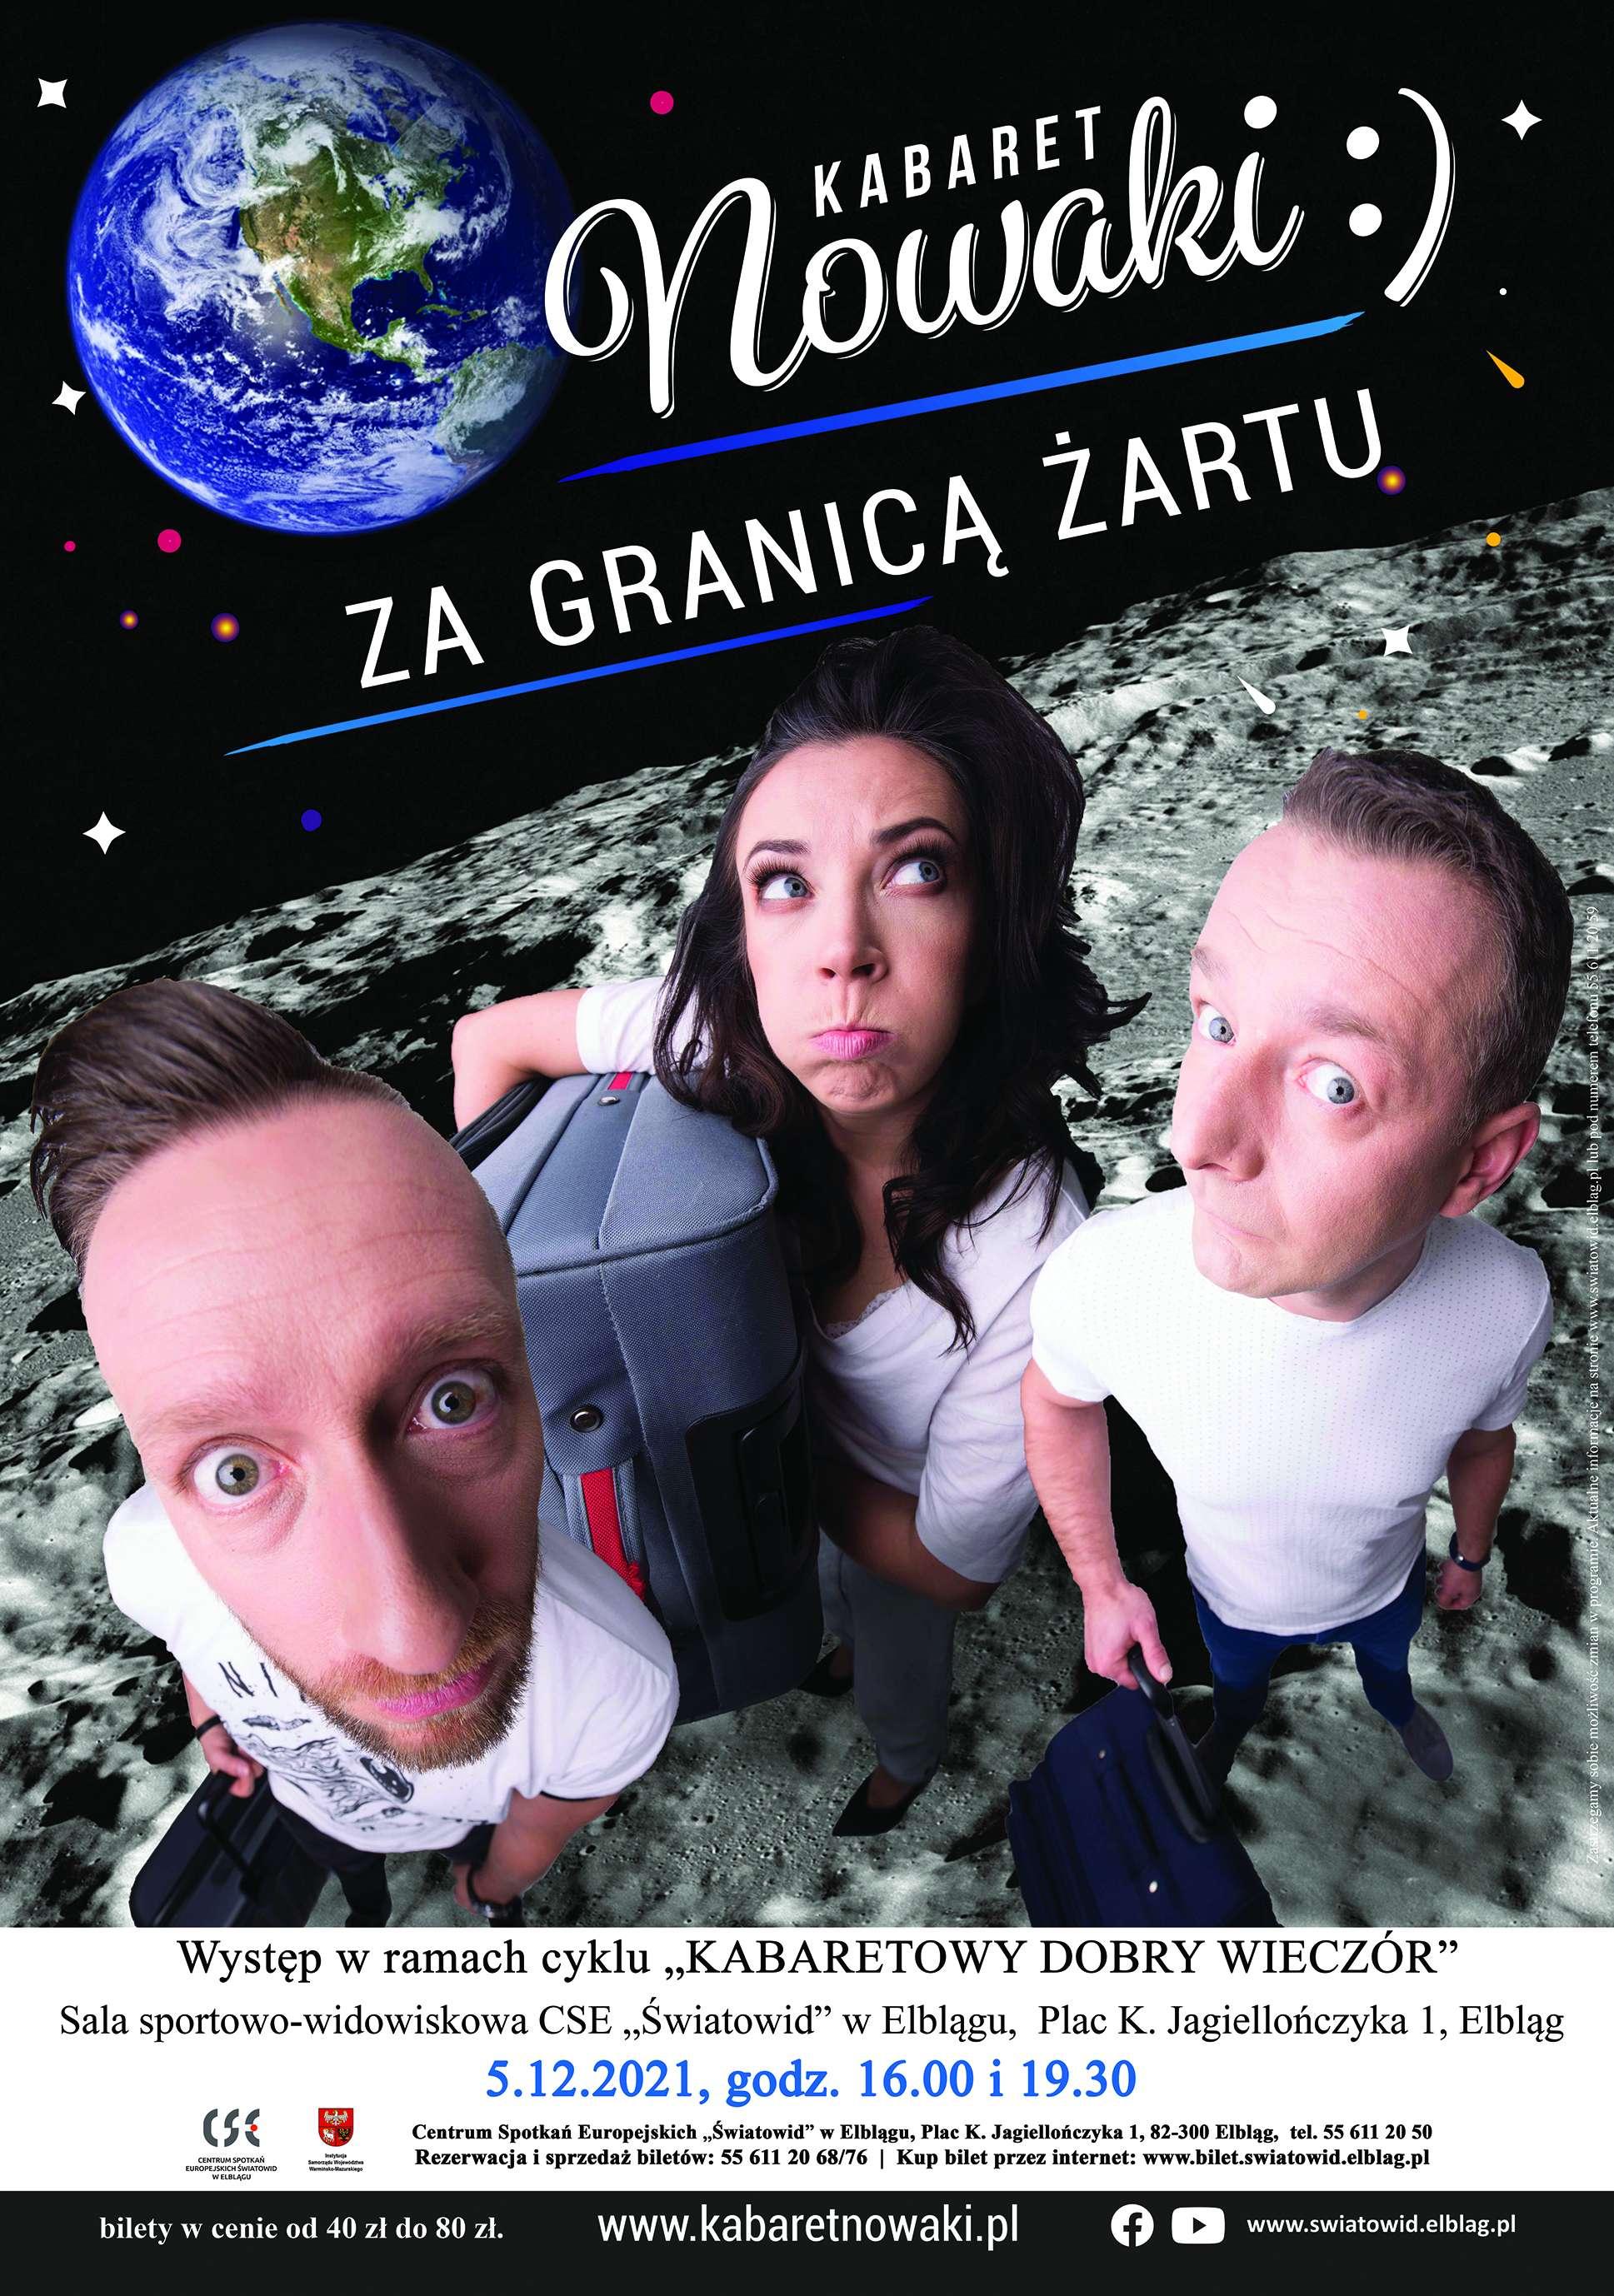 Kabaret Nowaki | Za granicą żartu!